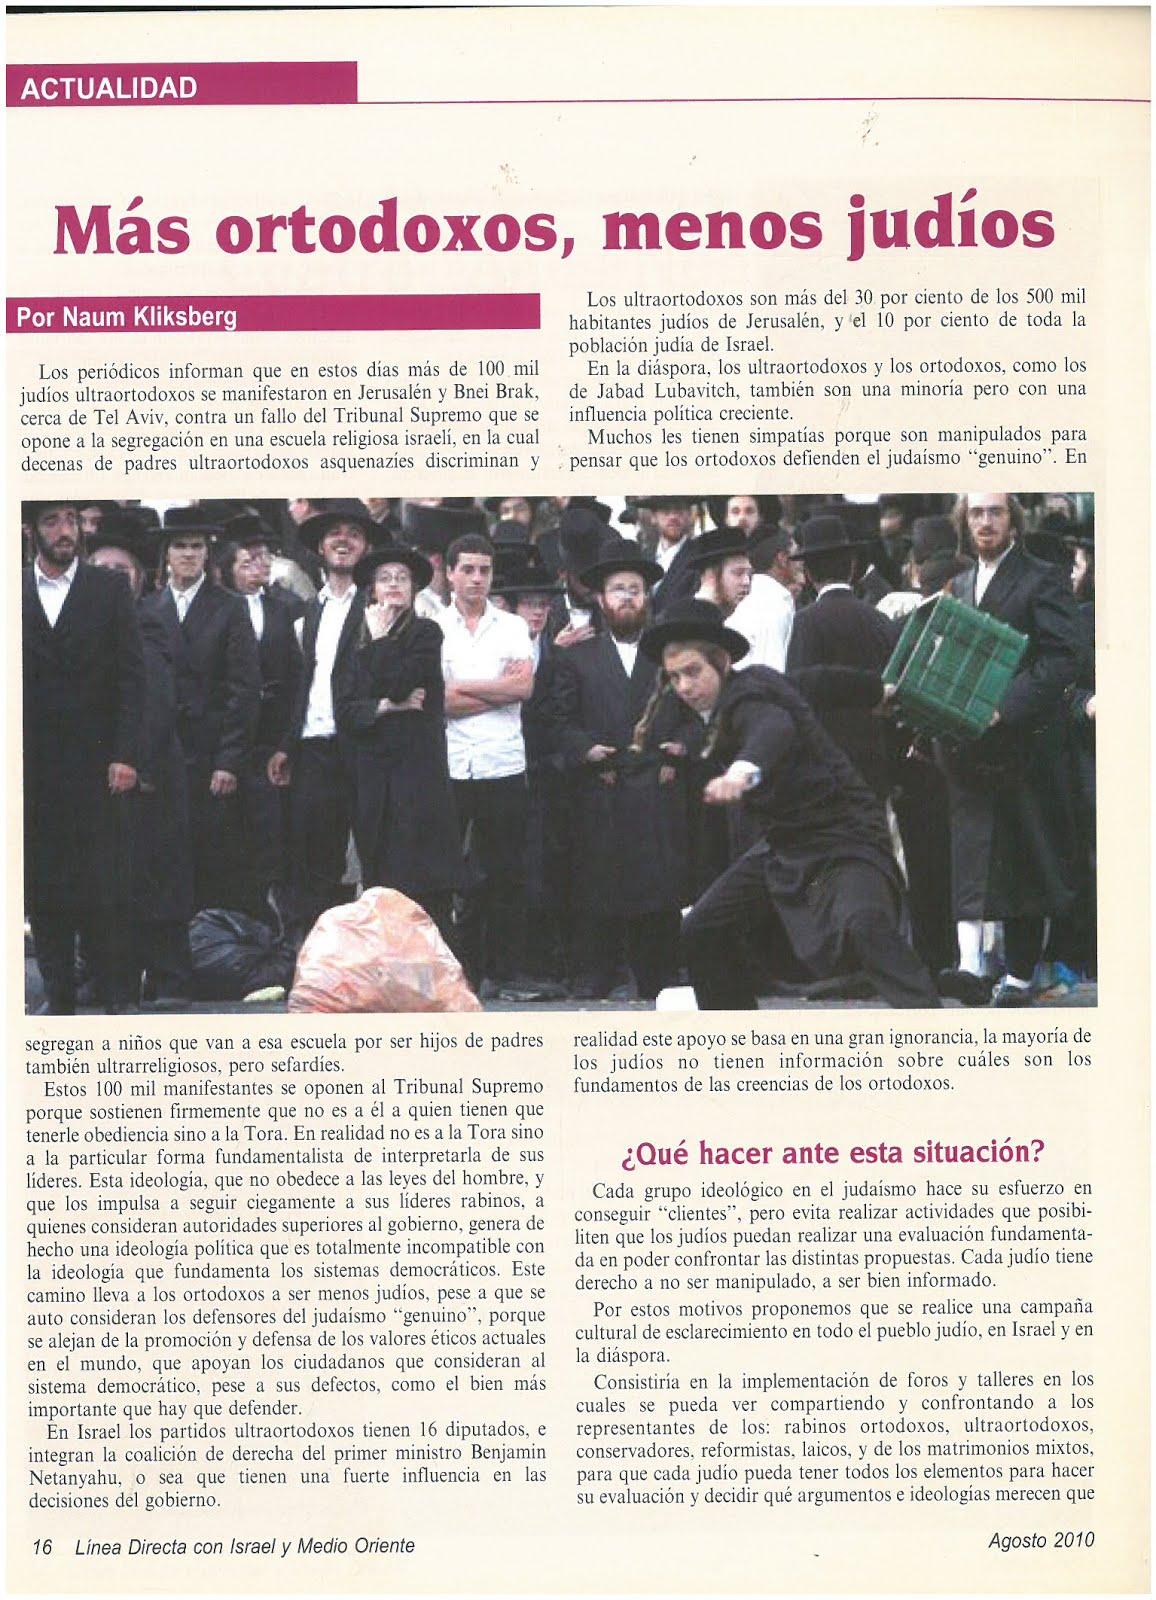 52 -Revista Israelí Linea Directa entre Israel y Medio Oriente.08/2010. Artículo de Naum Kliksberg